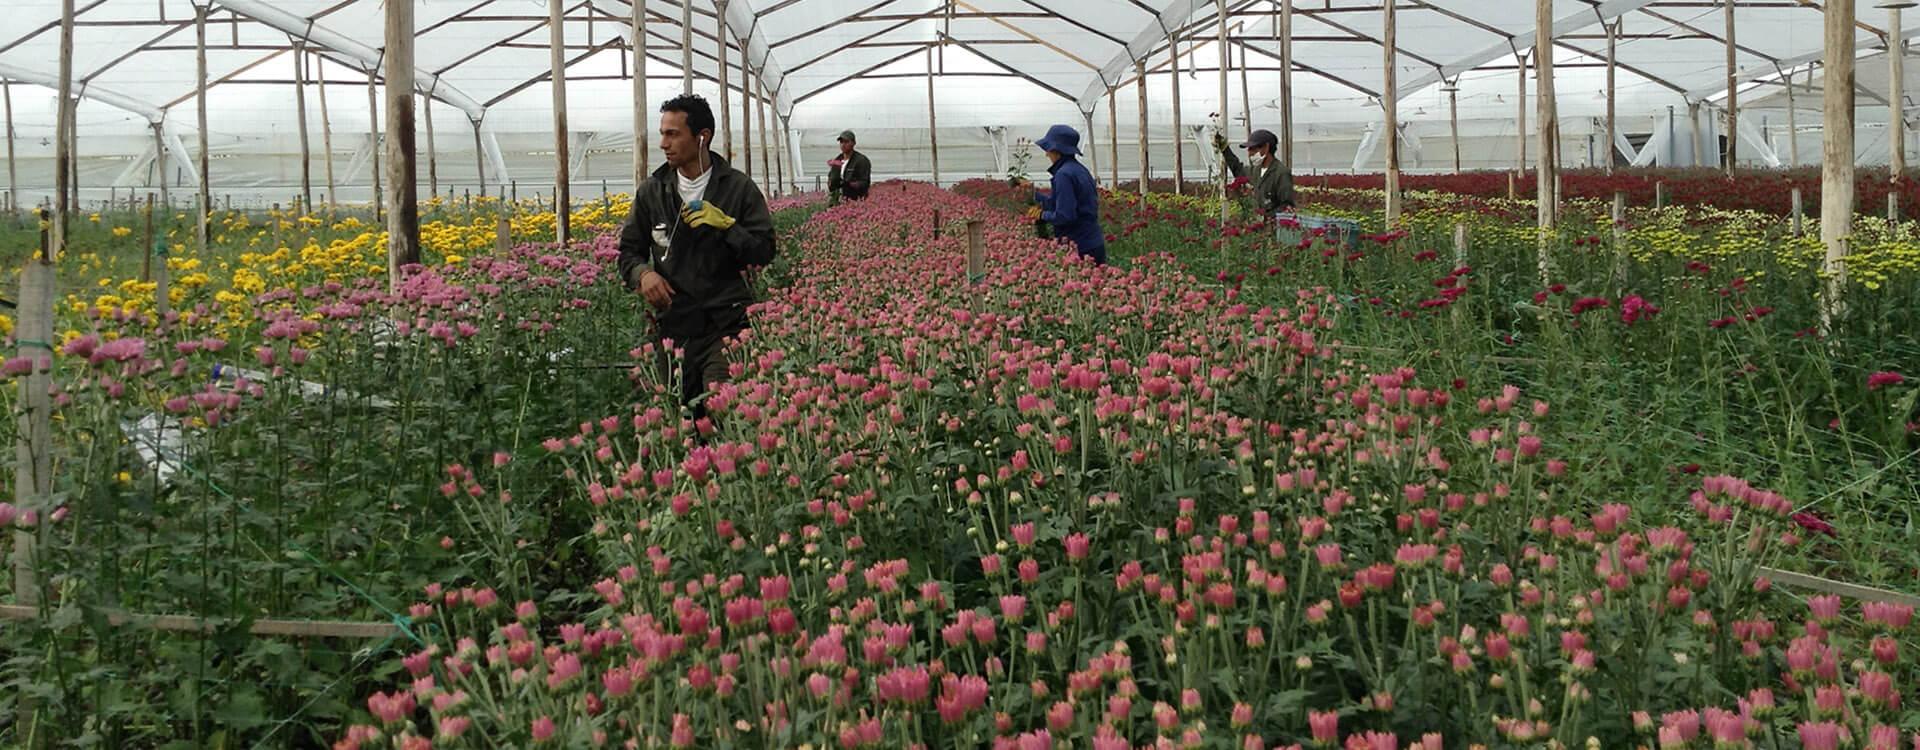 Invernadero y cultivadores de flores, entre cultivos, en la sabana de Bogotá